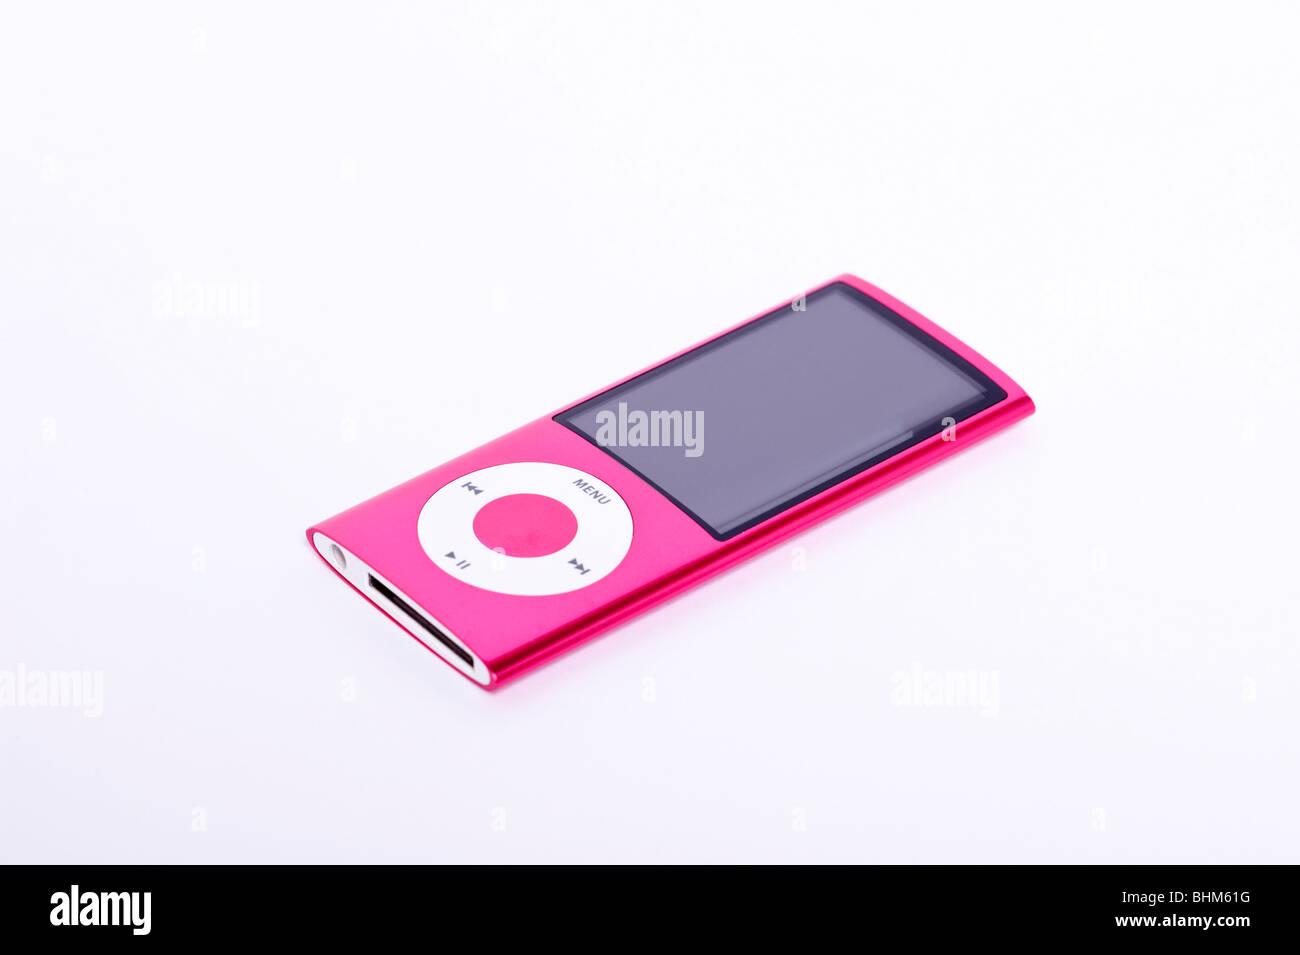 Ein Ipod Nano 5th Generation digitalen Musik-Player mit Video-Kamera auf einem weißen Hintergrund Stockbild